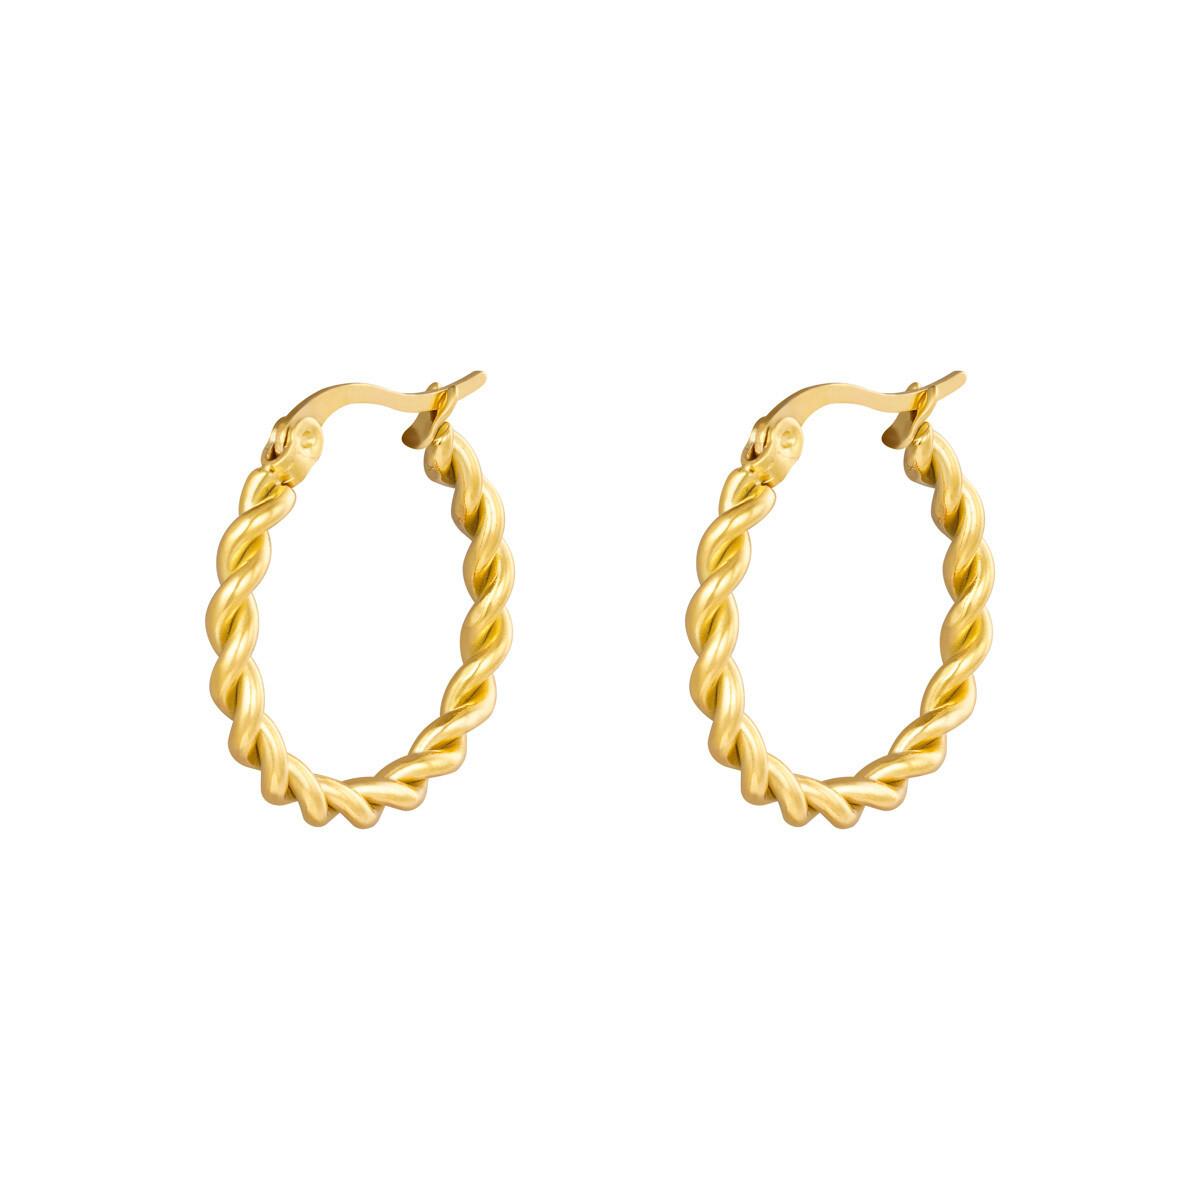 Gedraaide oorringetjes goud 22mm stainless steel